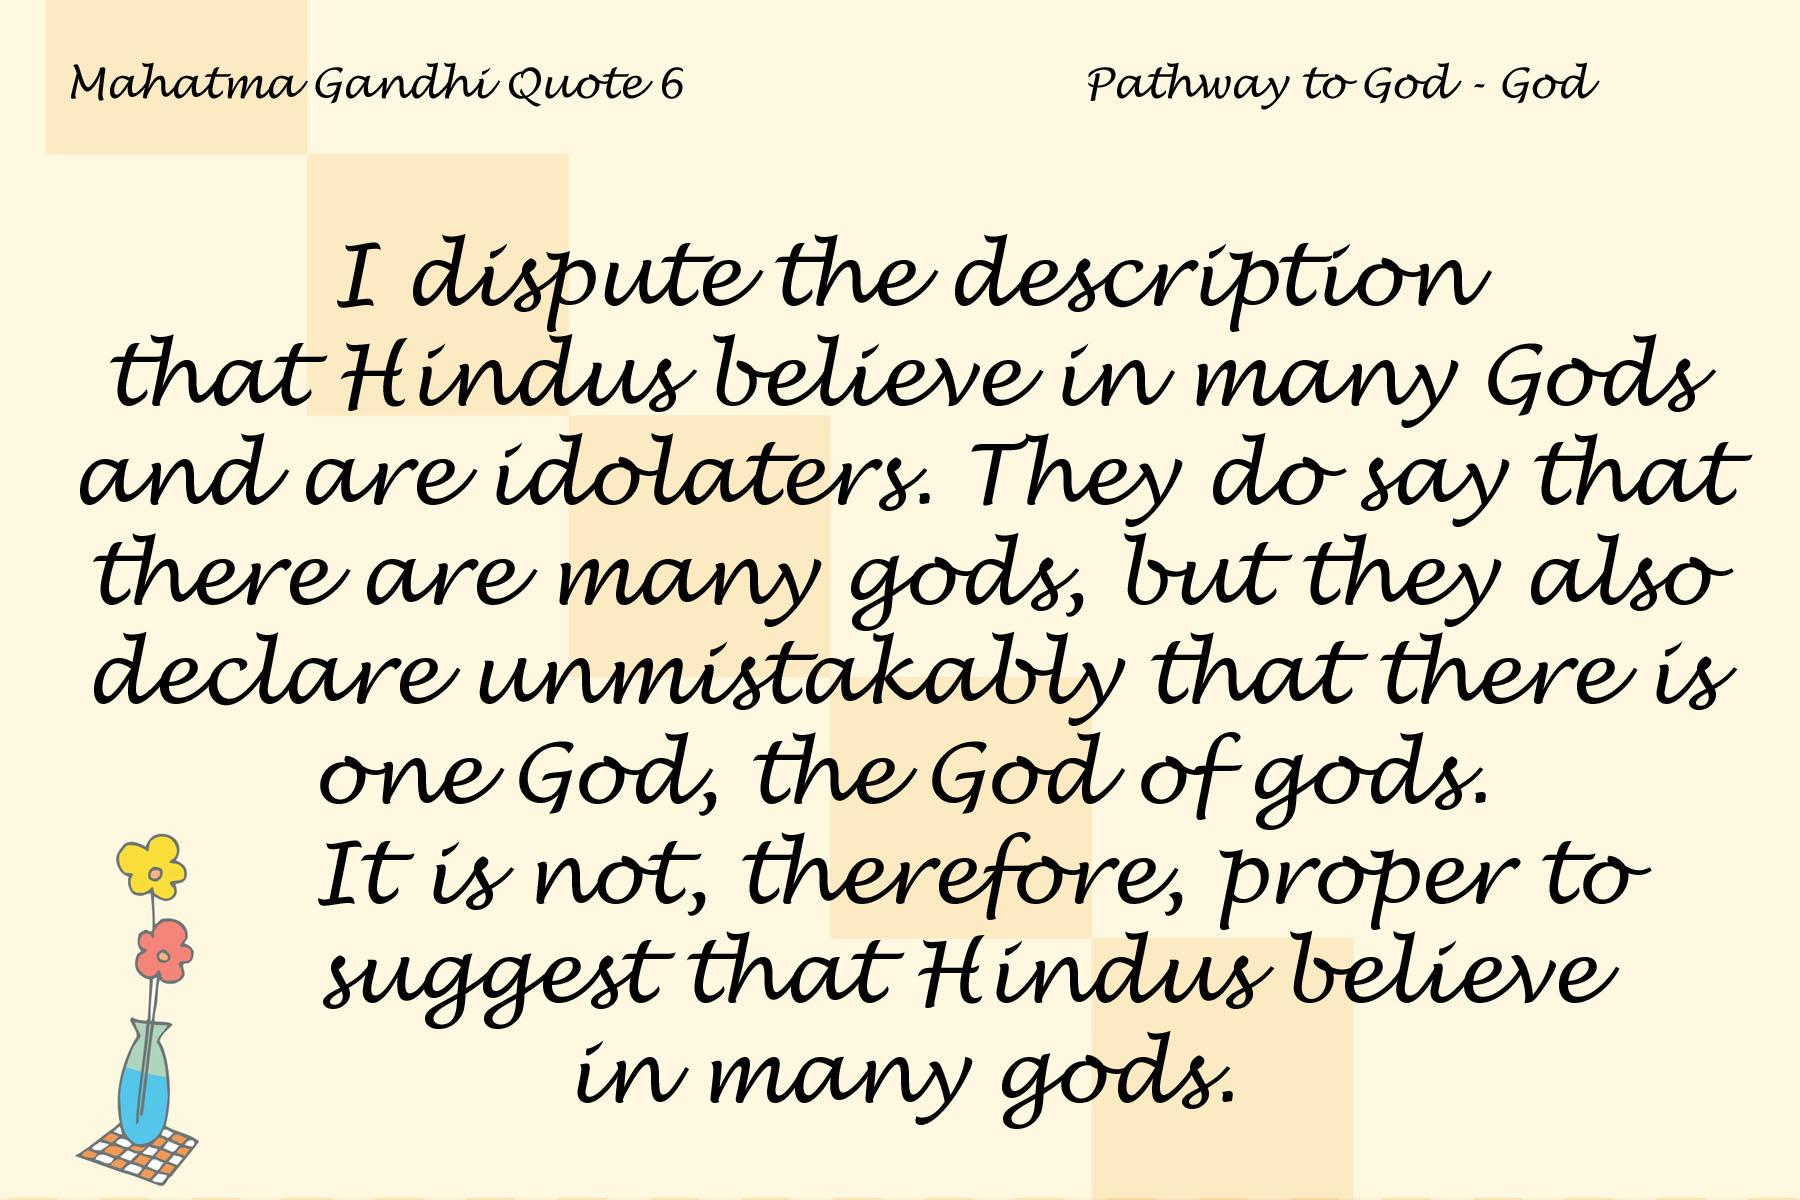 Gandhi Quote 6